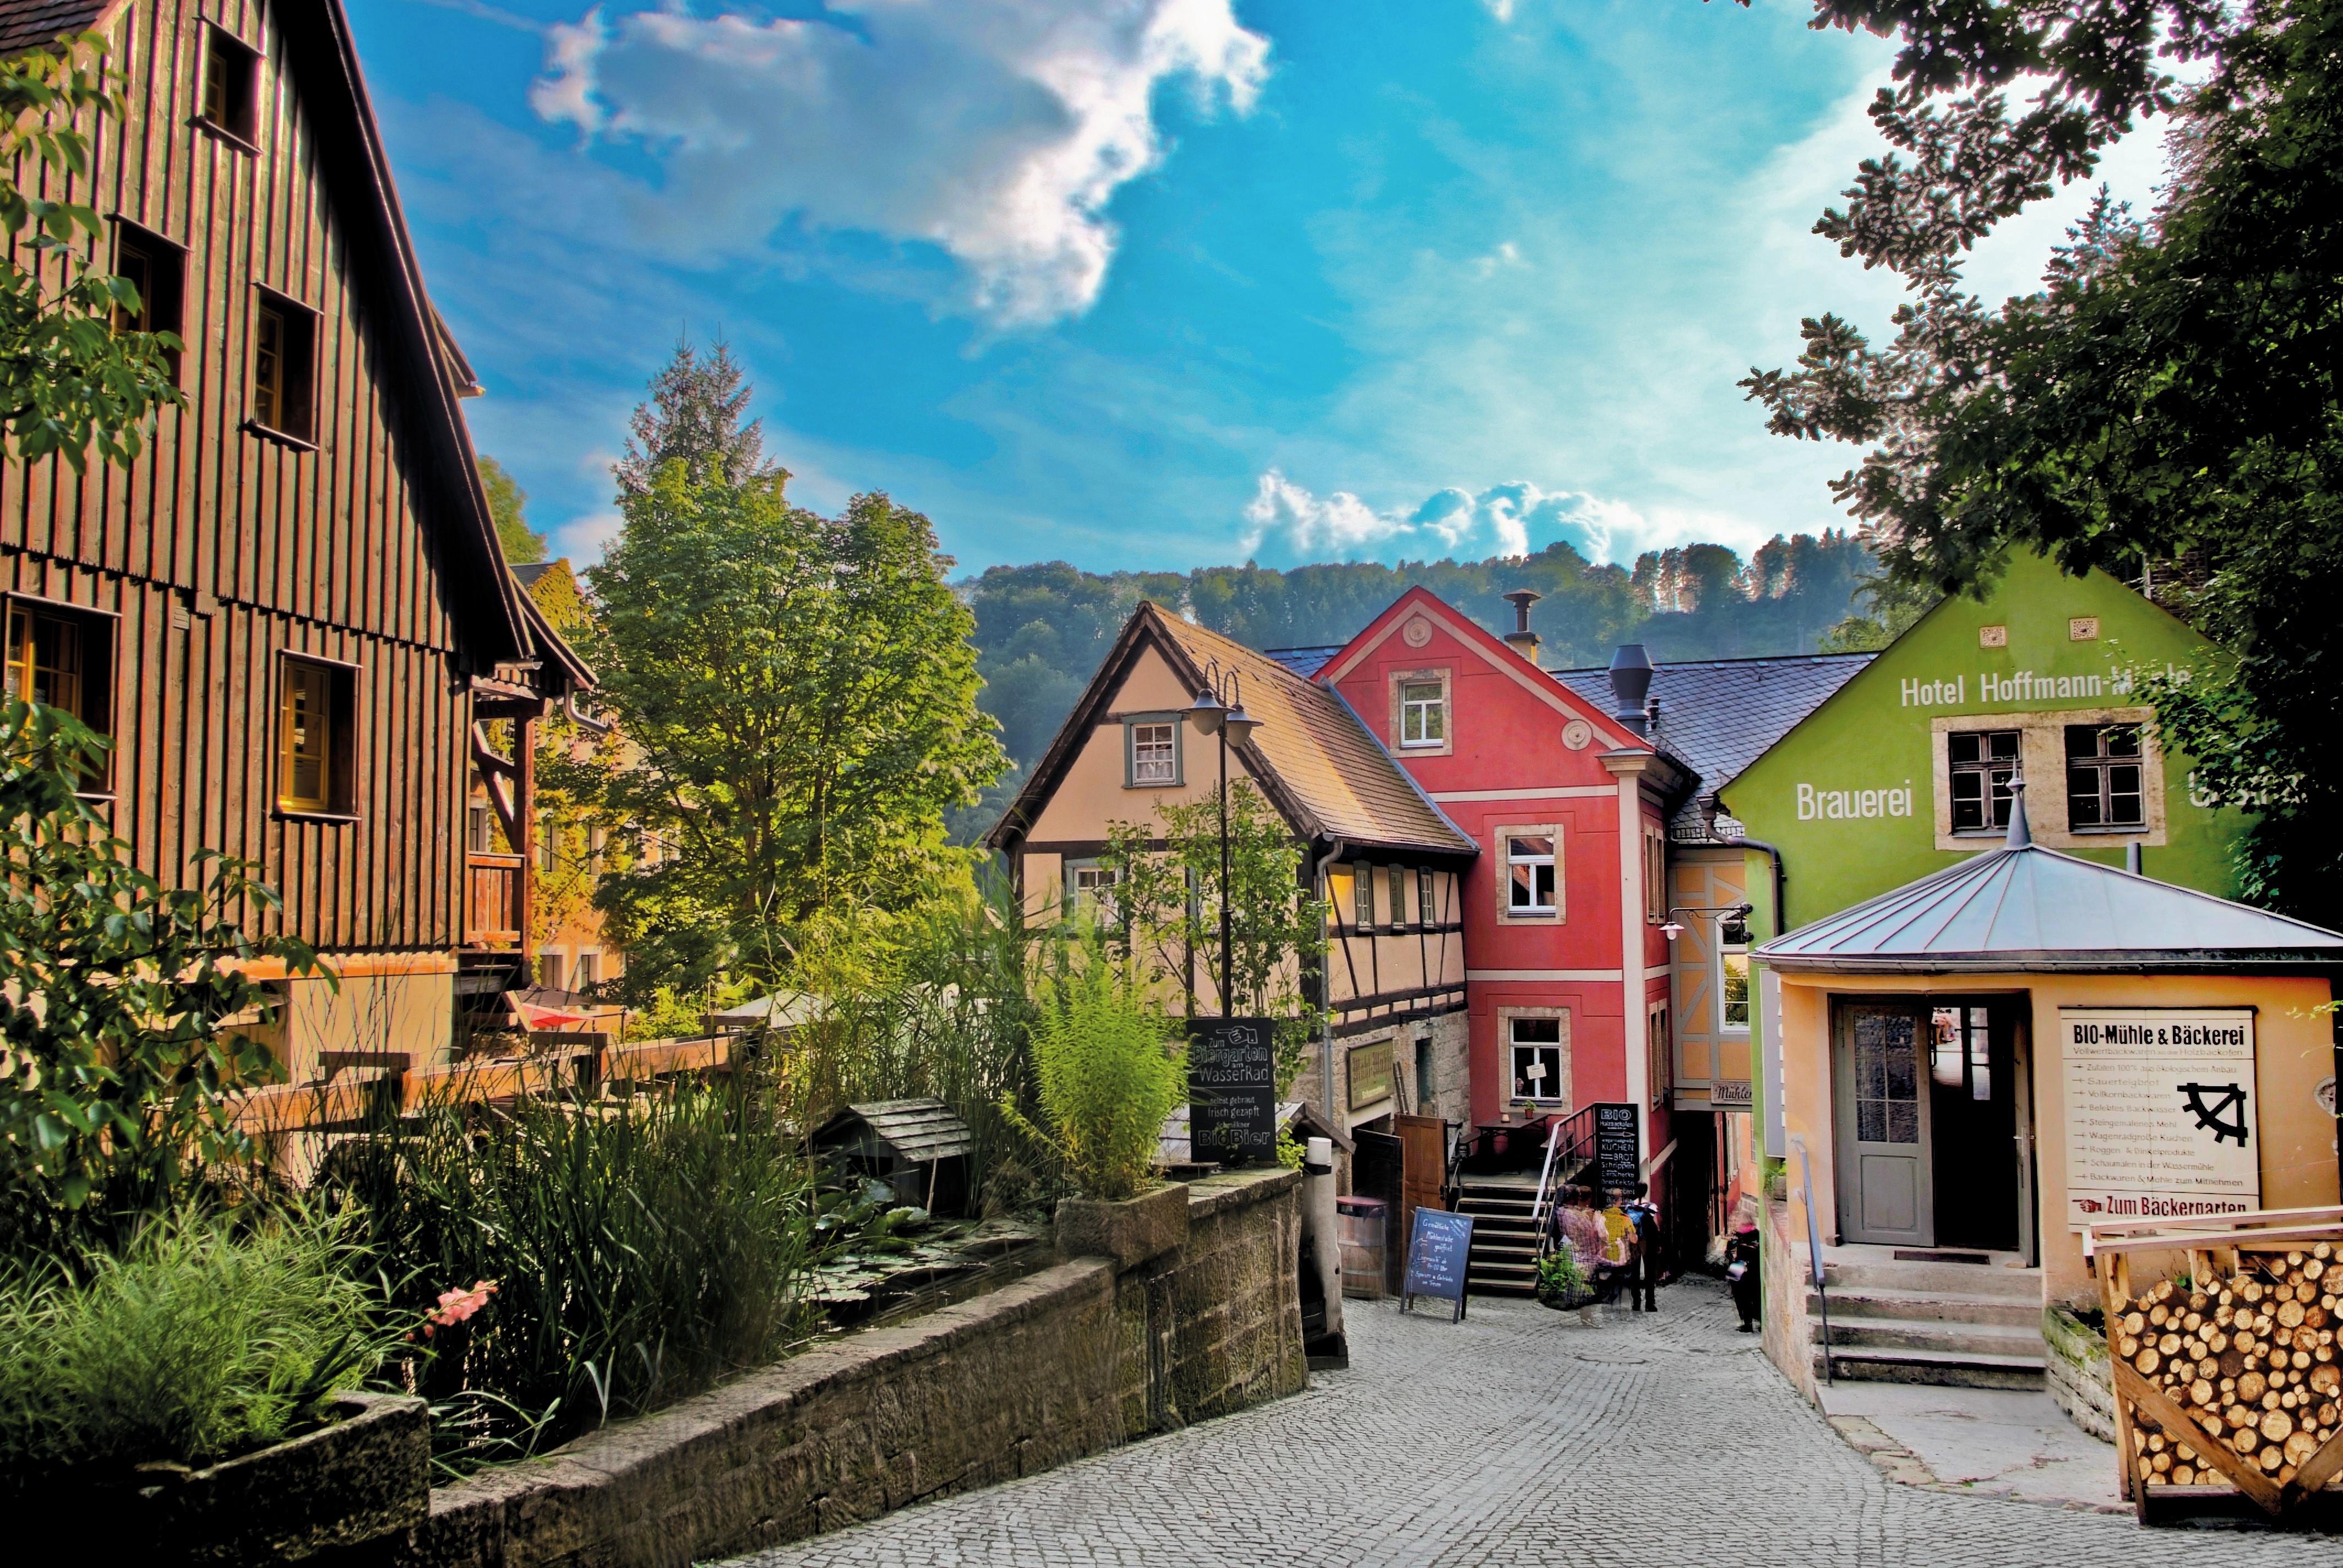 Traumhaftes Ambiente: Mühlen-Ensemble mit Gasthof Zur Mühle, Bio-Bäckerei, Braumanufaktur und historischer Mühle anno 1665 FOTO: BIO- UND NATIONALPARK REFUGIUM SCHMILKA - TORSTEN ROGGE